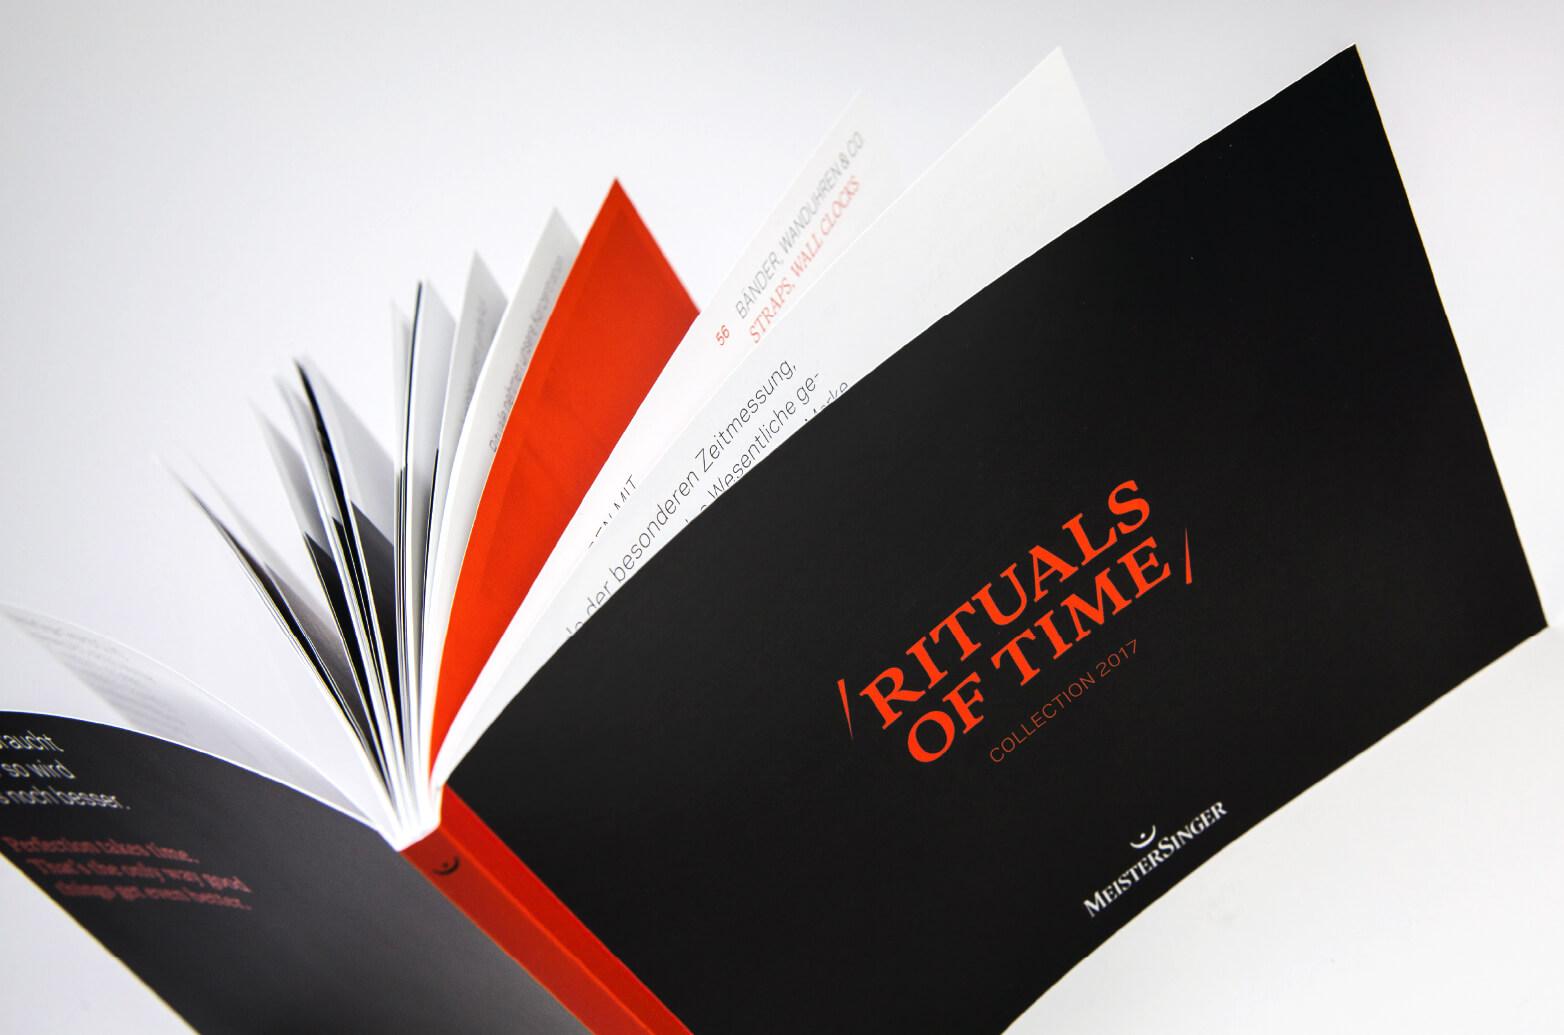 cyclos meistersinger Printmedien Broschüre